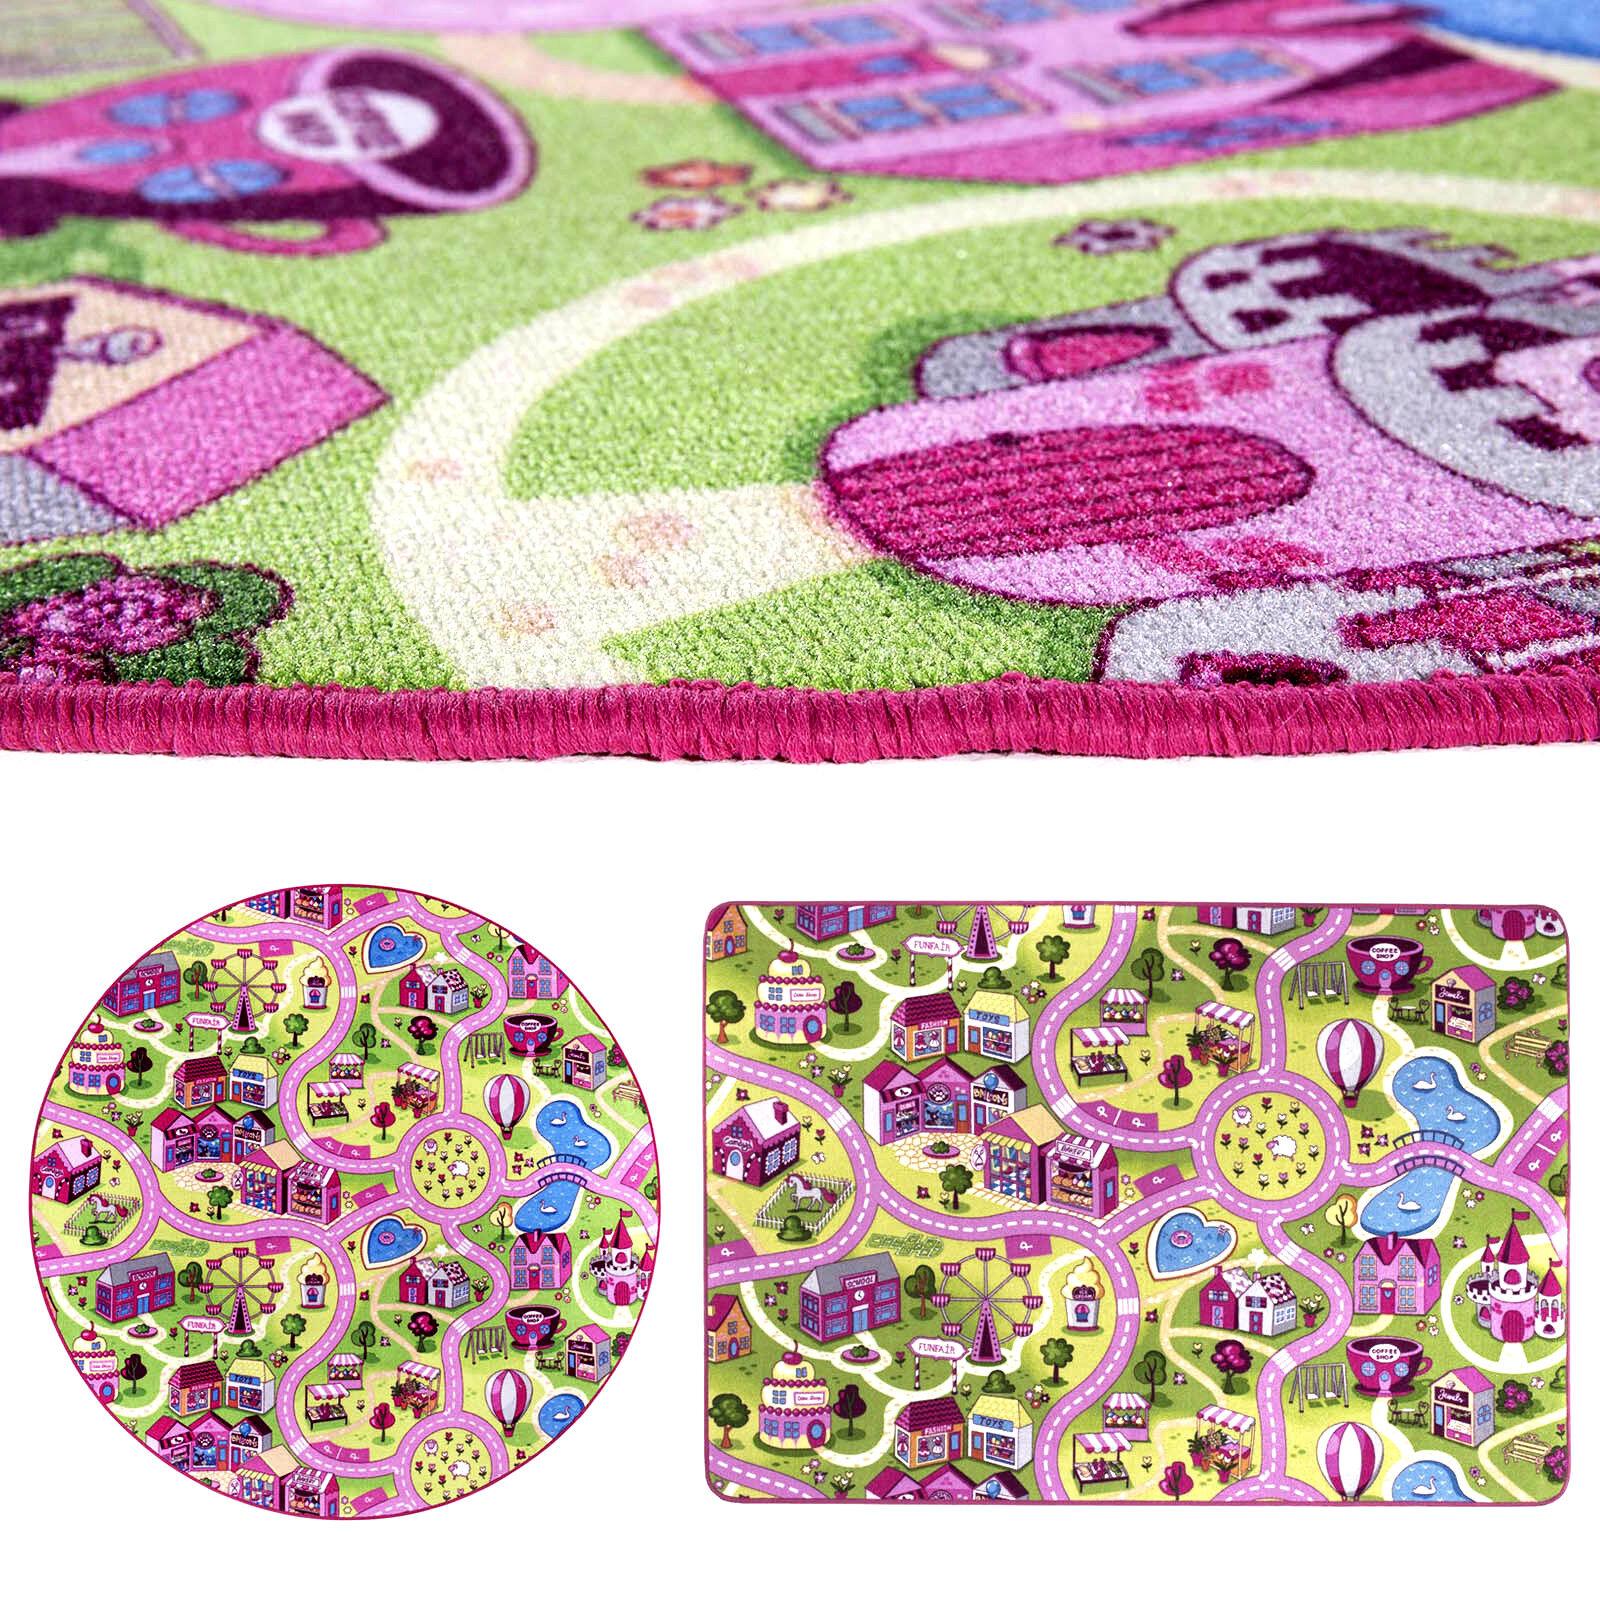 Spielteppich Straße Kinderteppich Mädchen Rosa Straßenteppich Teppich Pink Kind